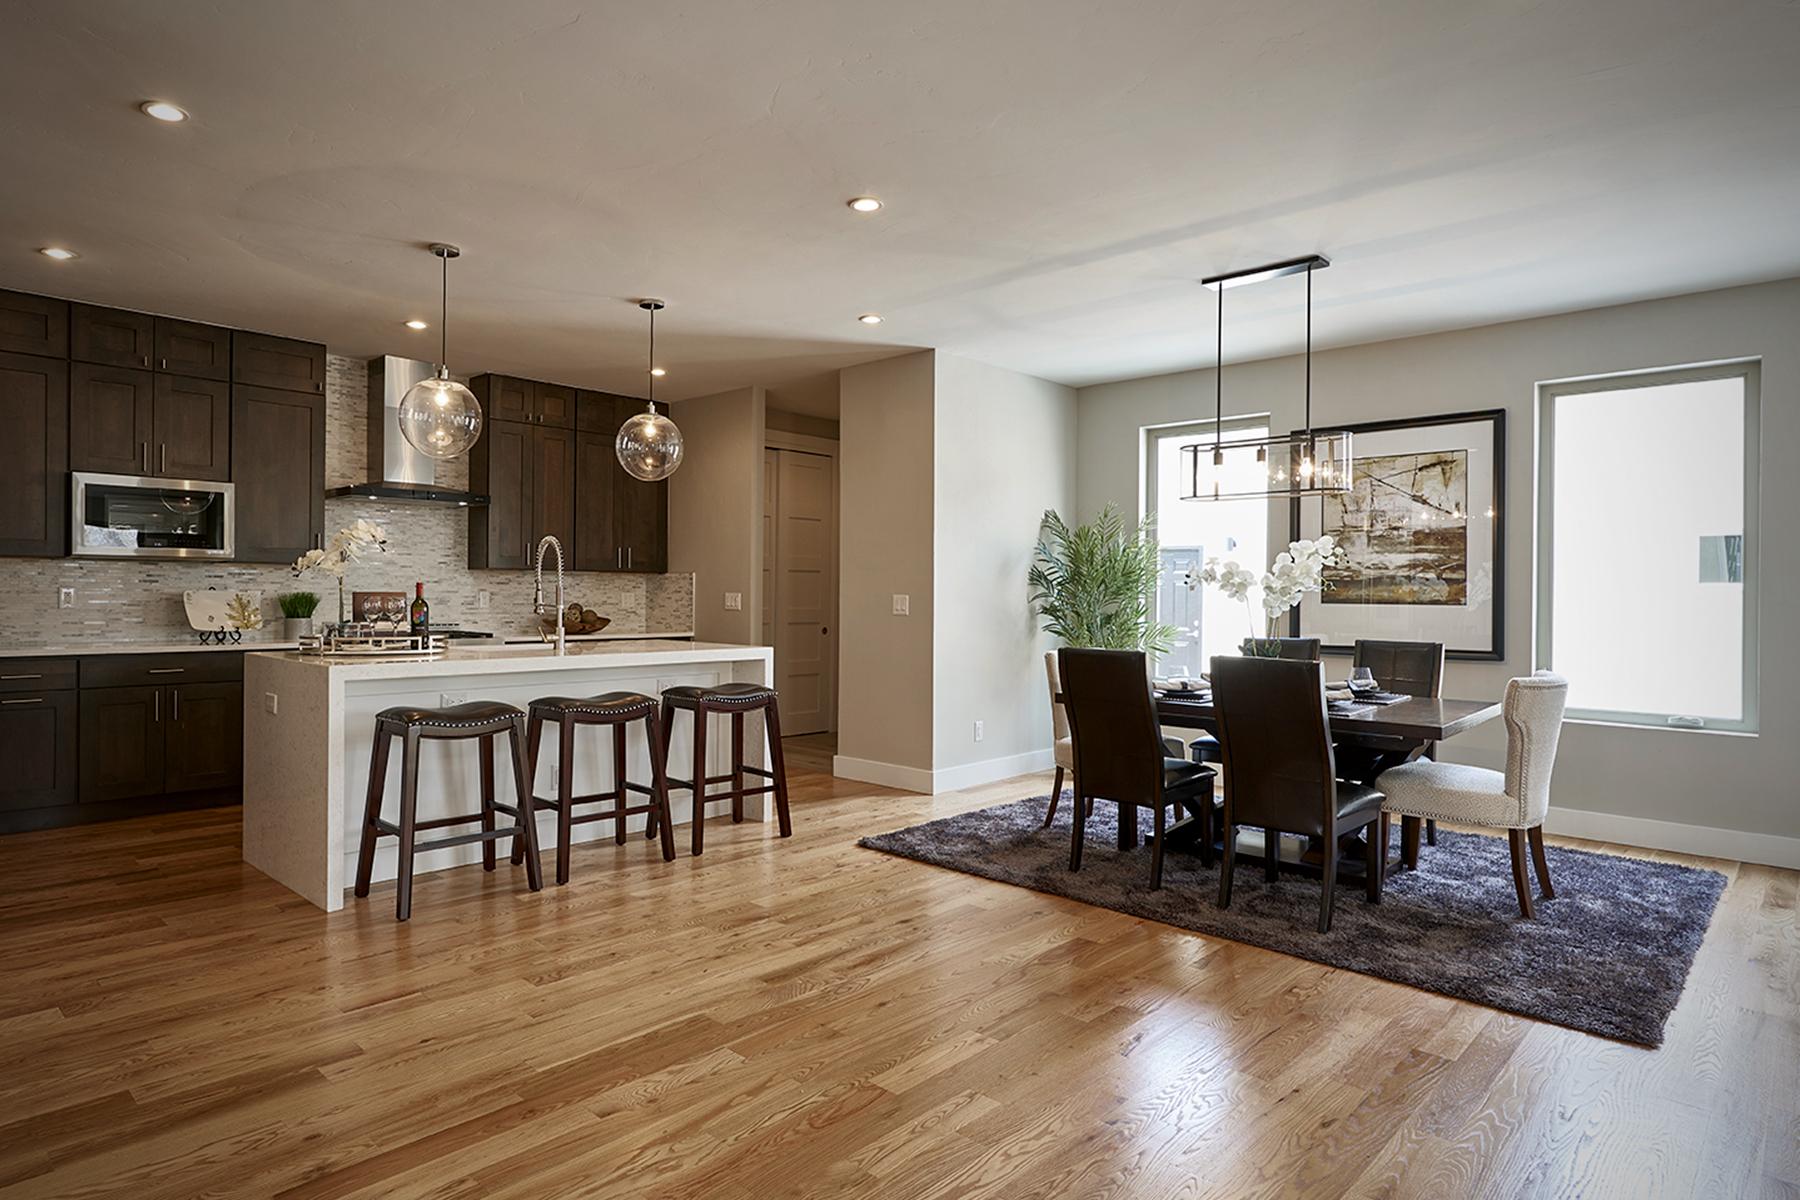 frontier-kitchen2.jpg